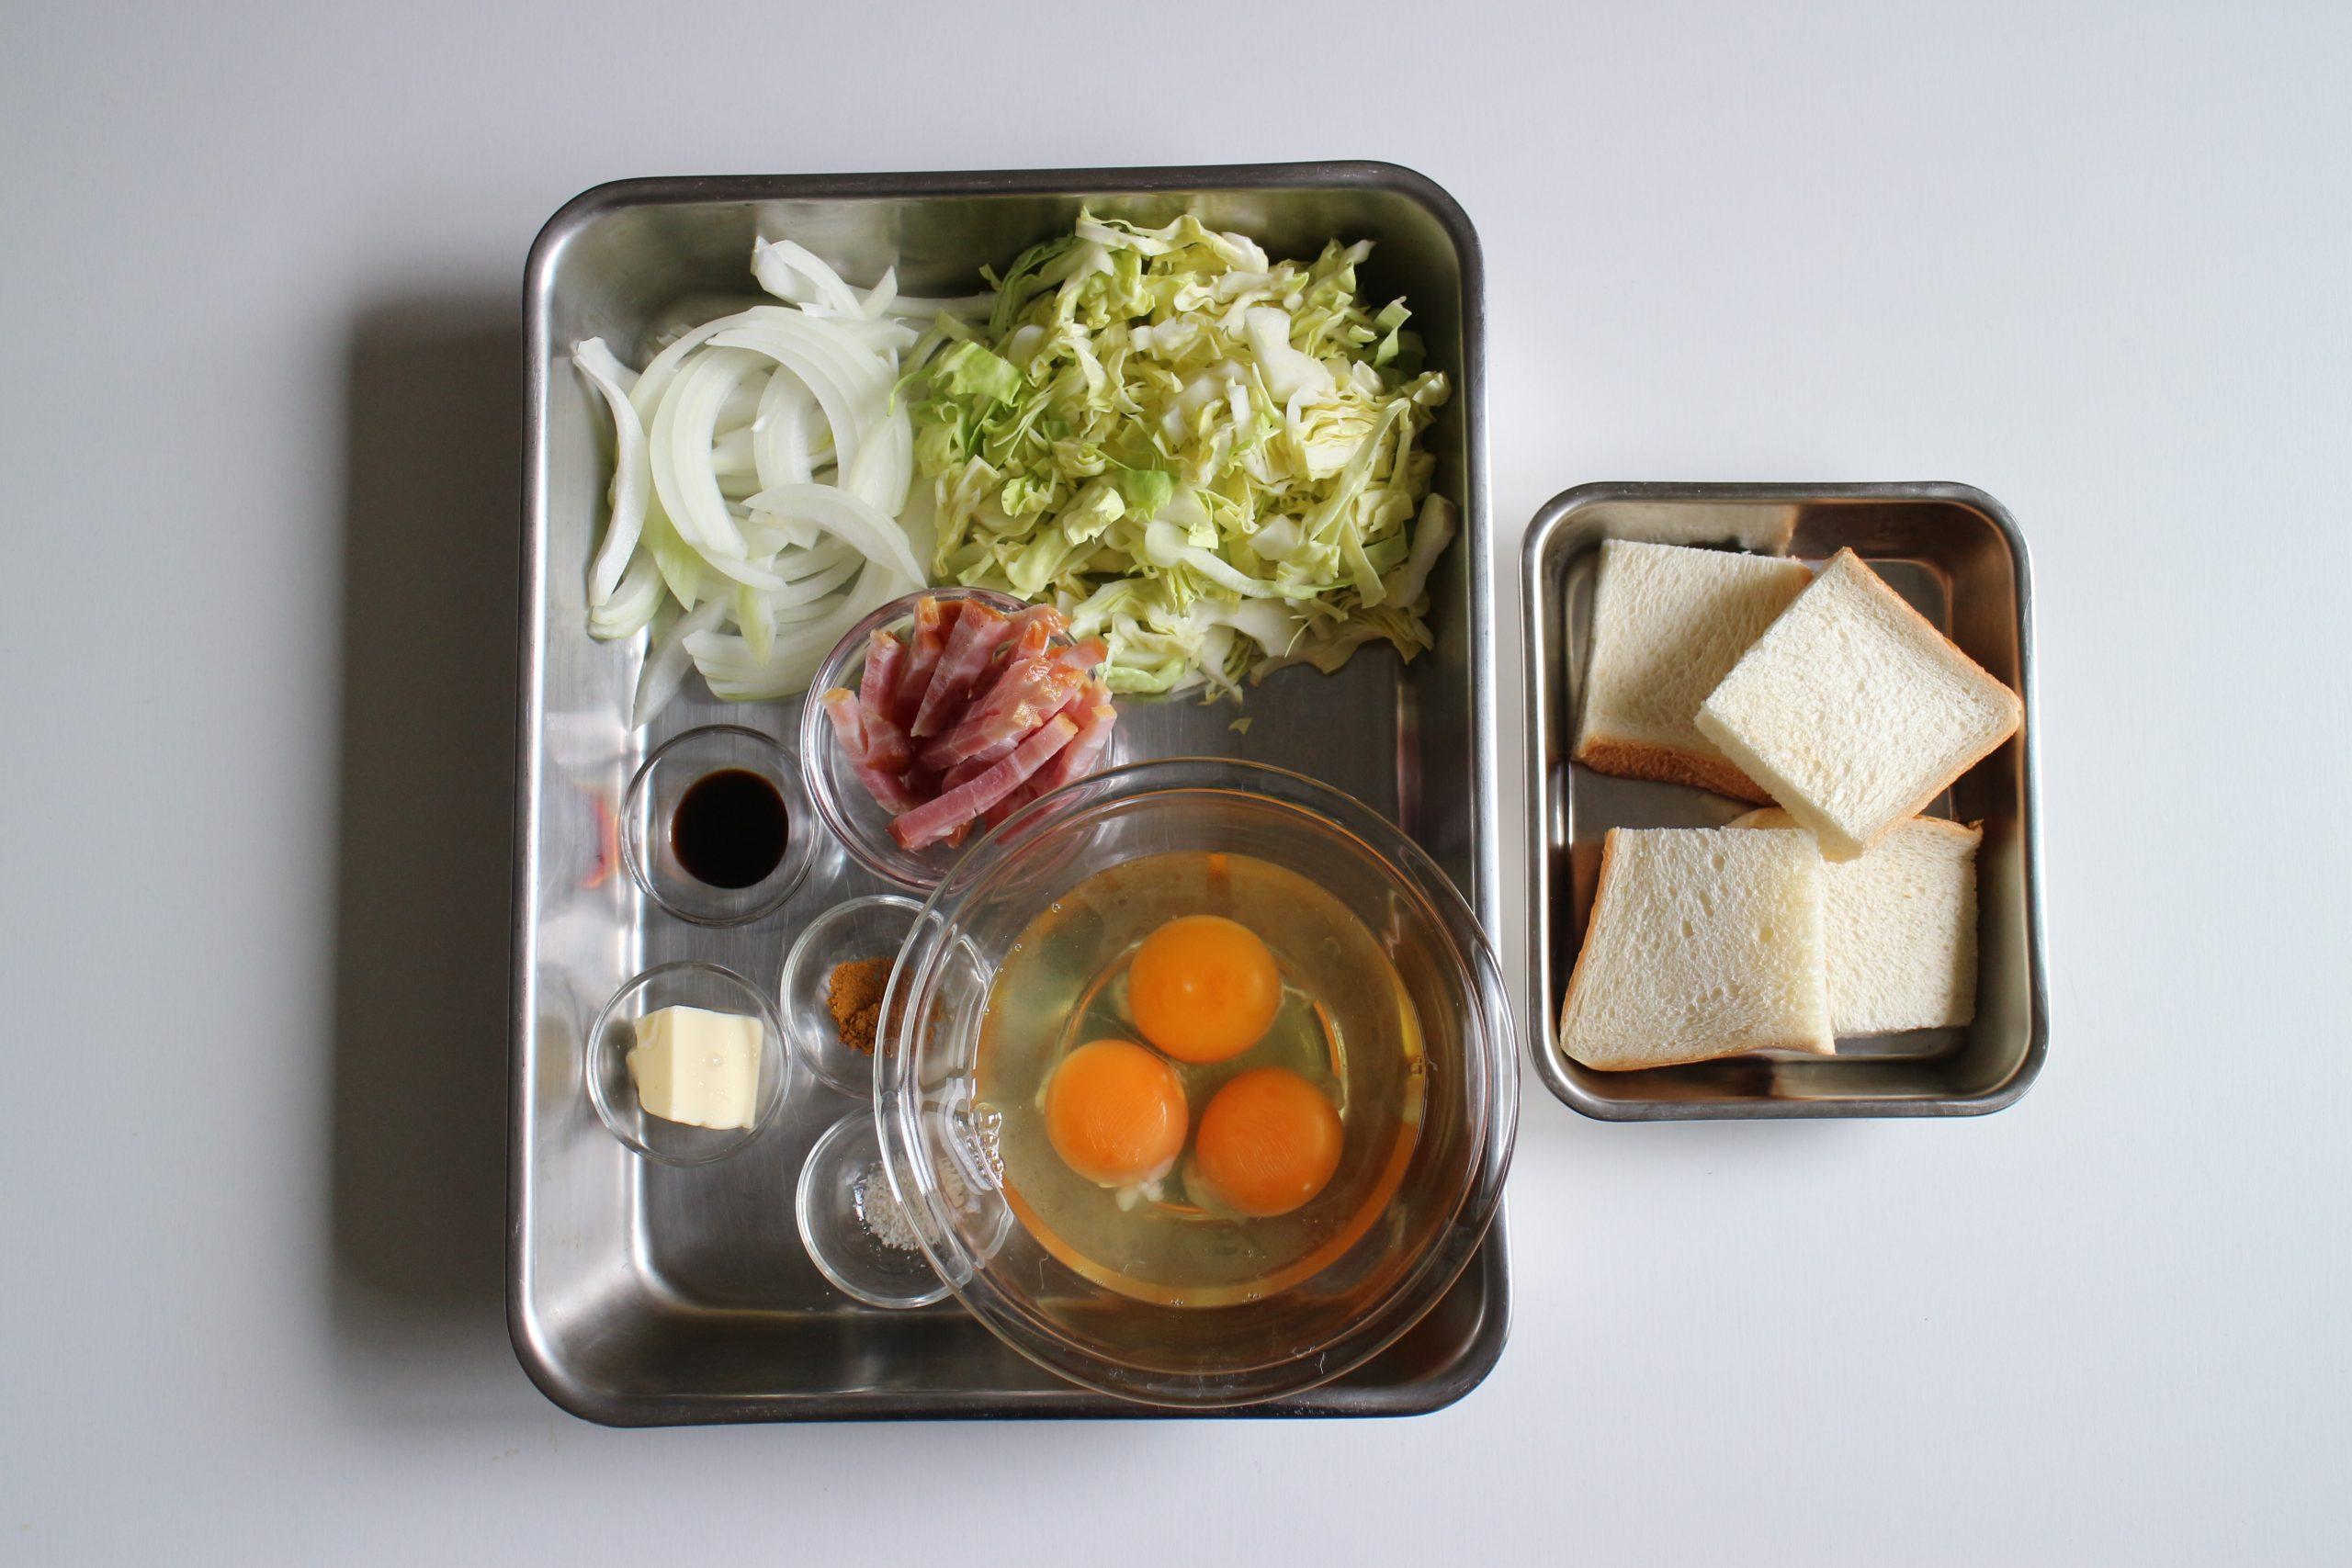 ベーコンは食べやすい大きさ、玉ねぎはスライス、キャベツは太目の千切りにする。